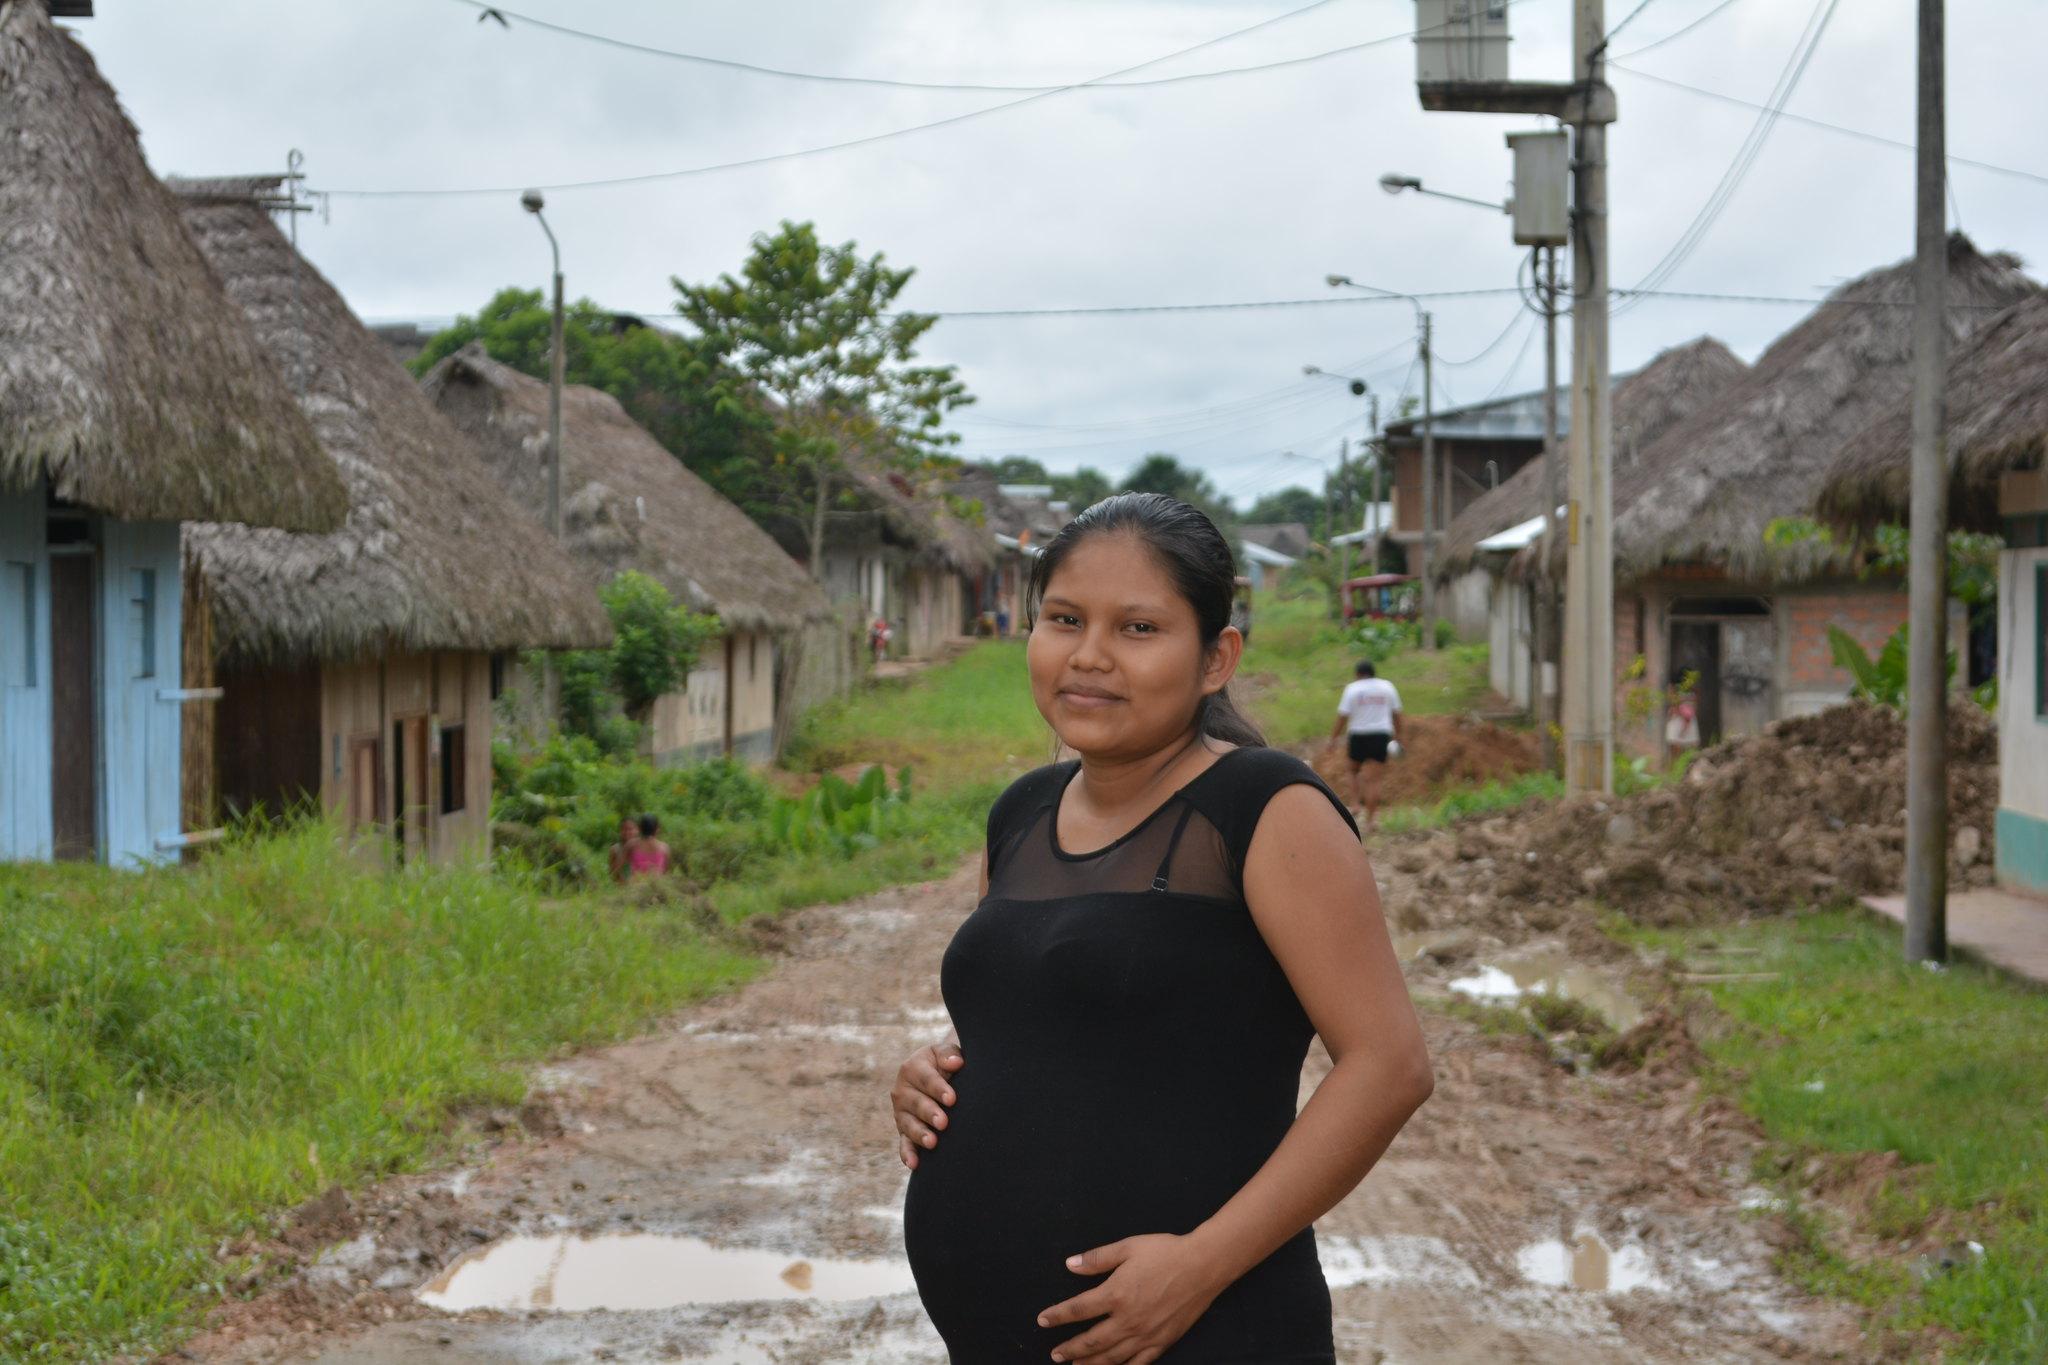 Joven de 23 años en San Lorenzo espera a su segundo hijo